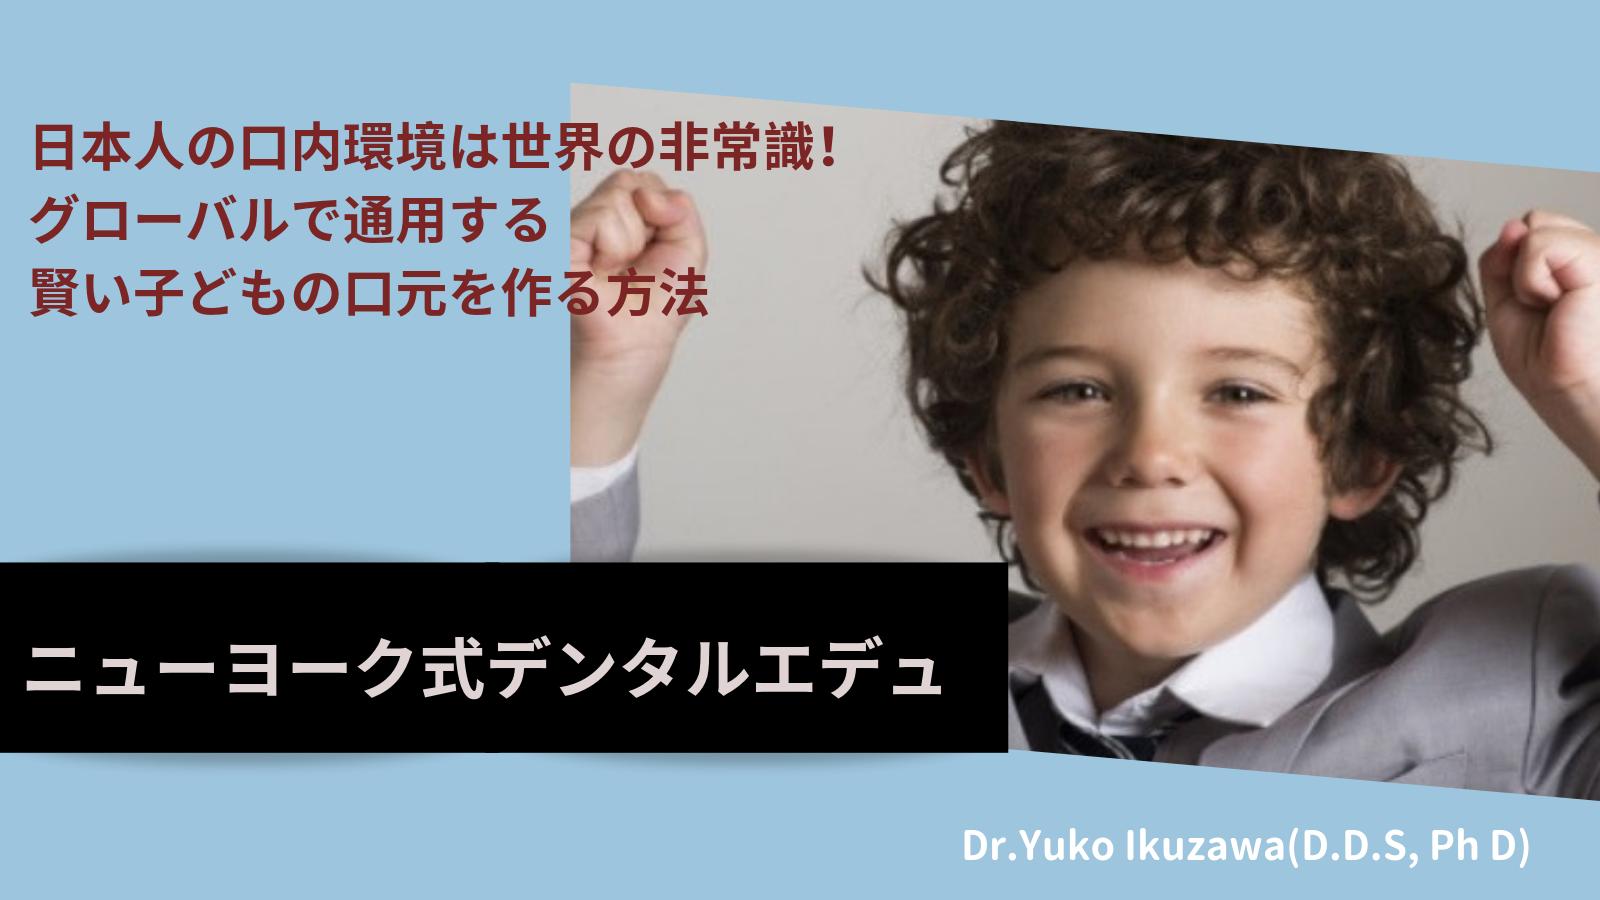 日本人の口内環境は世界の非常識! グローバルで通用する 賢い子どもの口元を作る方法〜ニューヨーク式デンタルエデュ